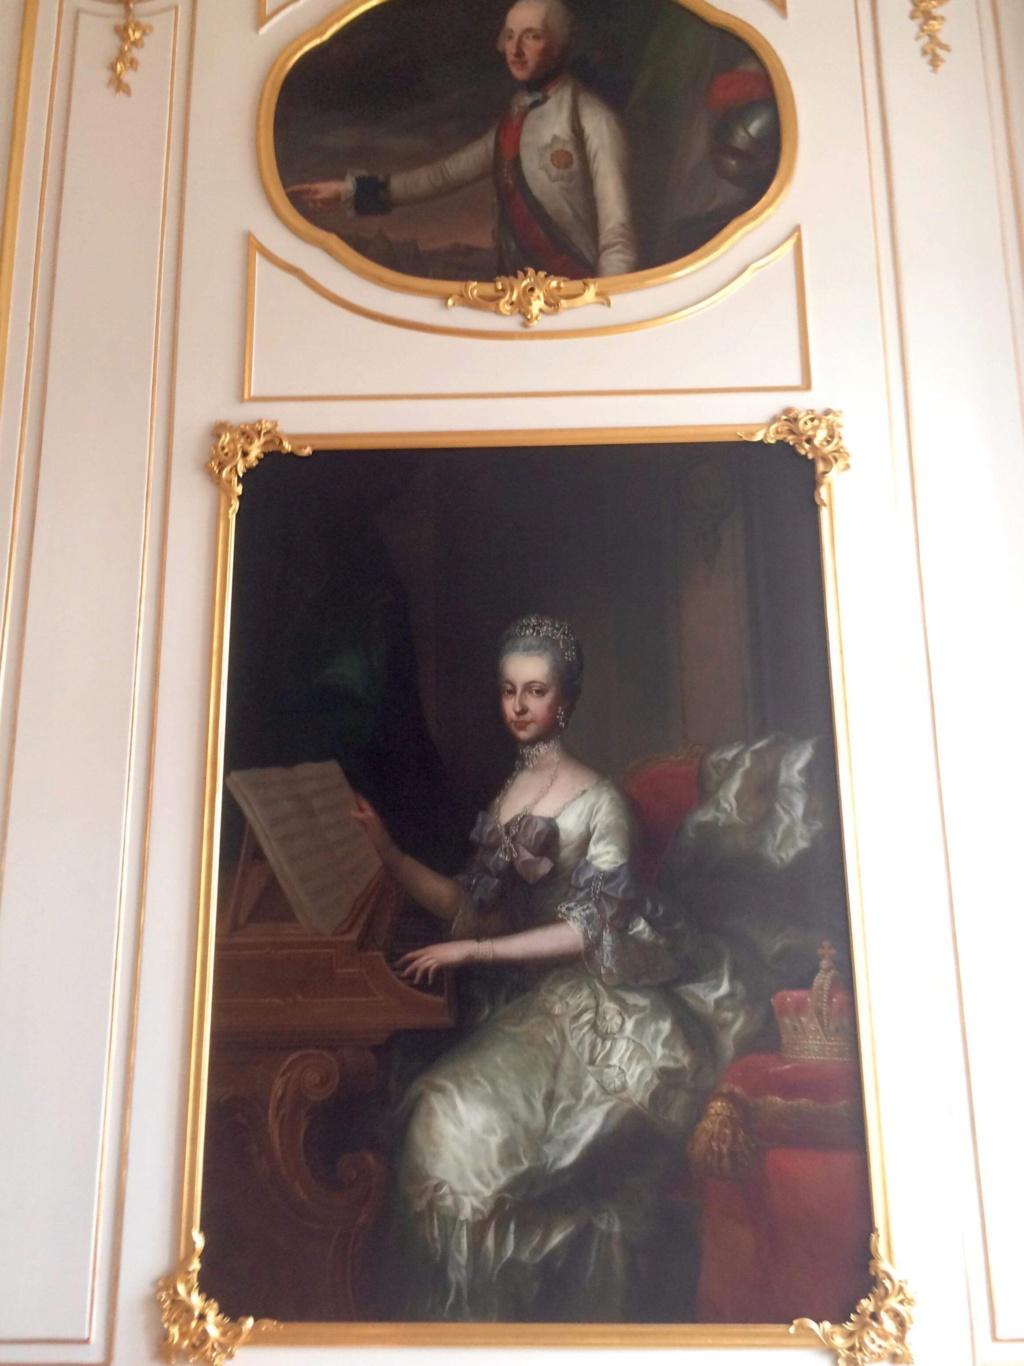 En visite à Prague pour l'impératrice Marie-Thérèse, l'empereur Joseph II, Marie-Thérèse Charlotte de France, le roi français Charles X et la famille française Rohan-Guémen,president France E. Macron. - Page 20 Img_1618